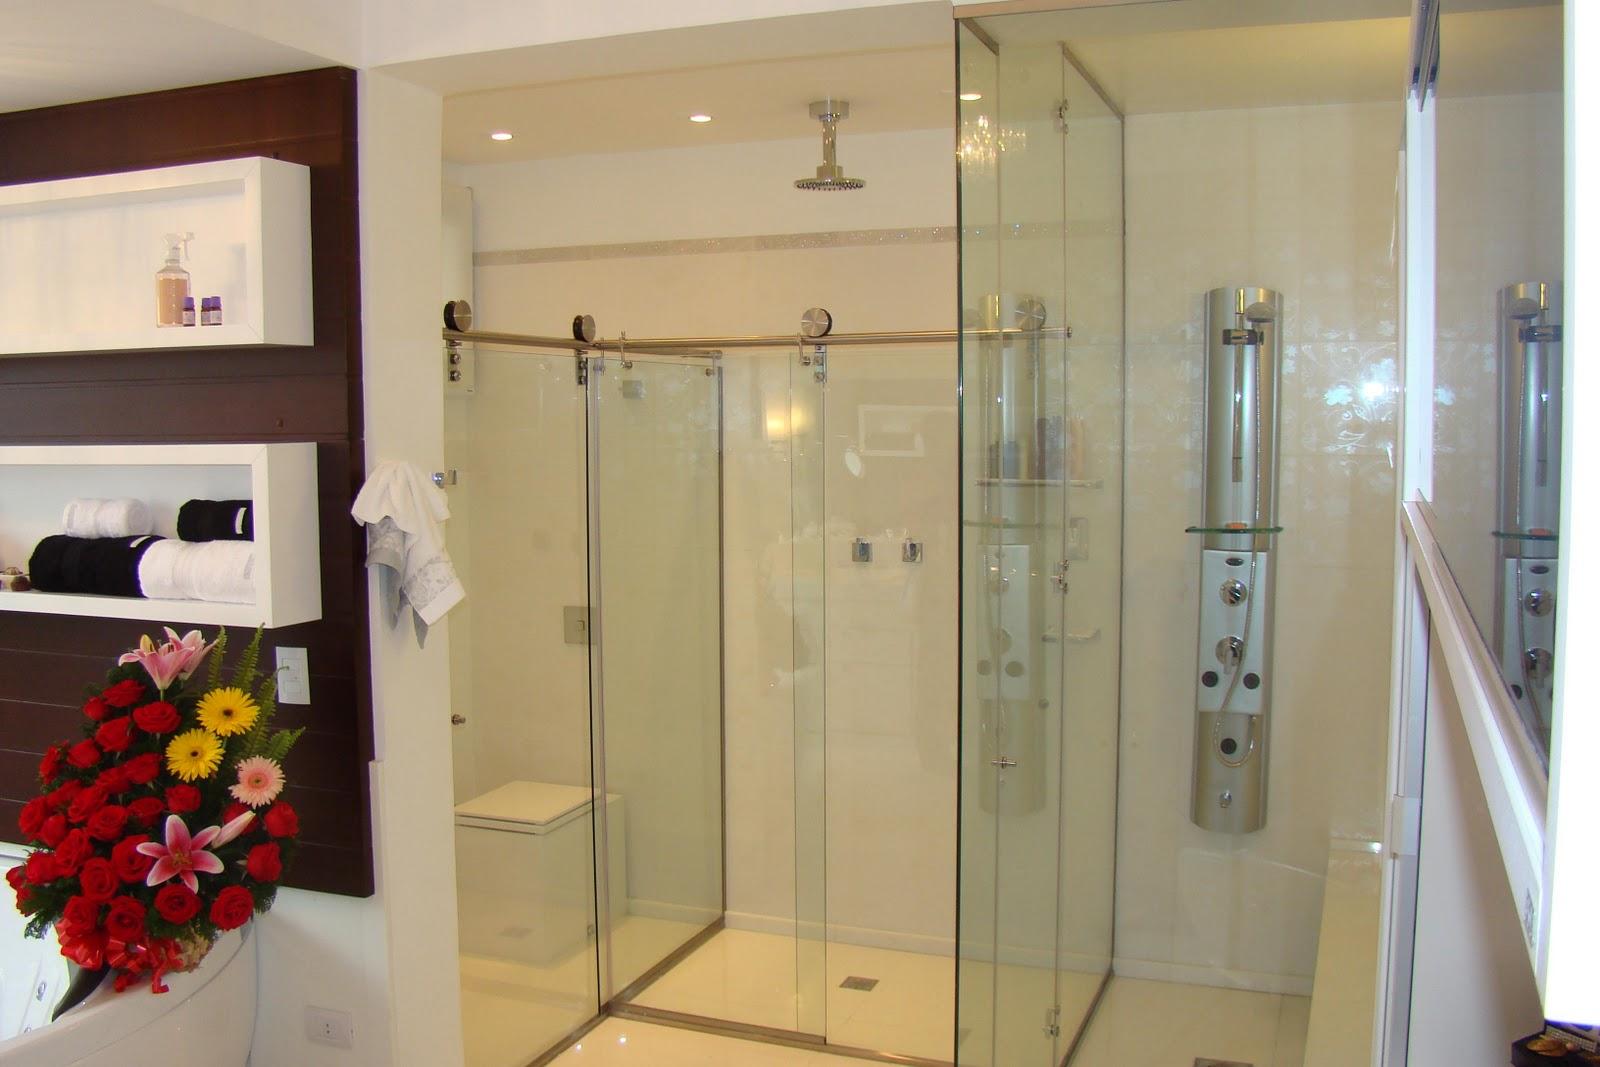 Imagens de #B48117 GERAIS VIDROS: Banheiros Idéias de Box e Espelhos Acabamentos 1600x1067 px 2890 Box Banheiro Ideias